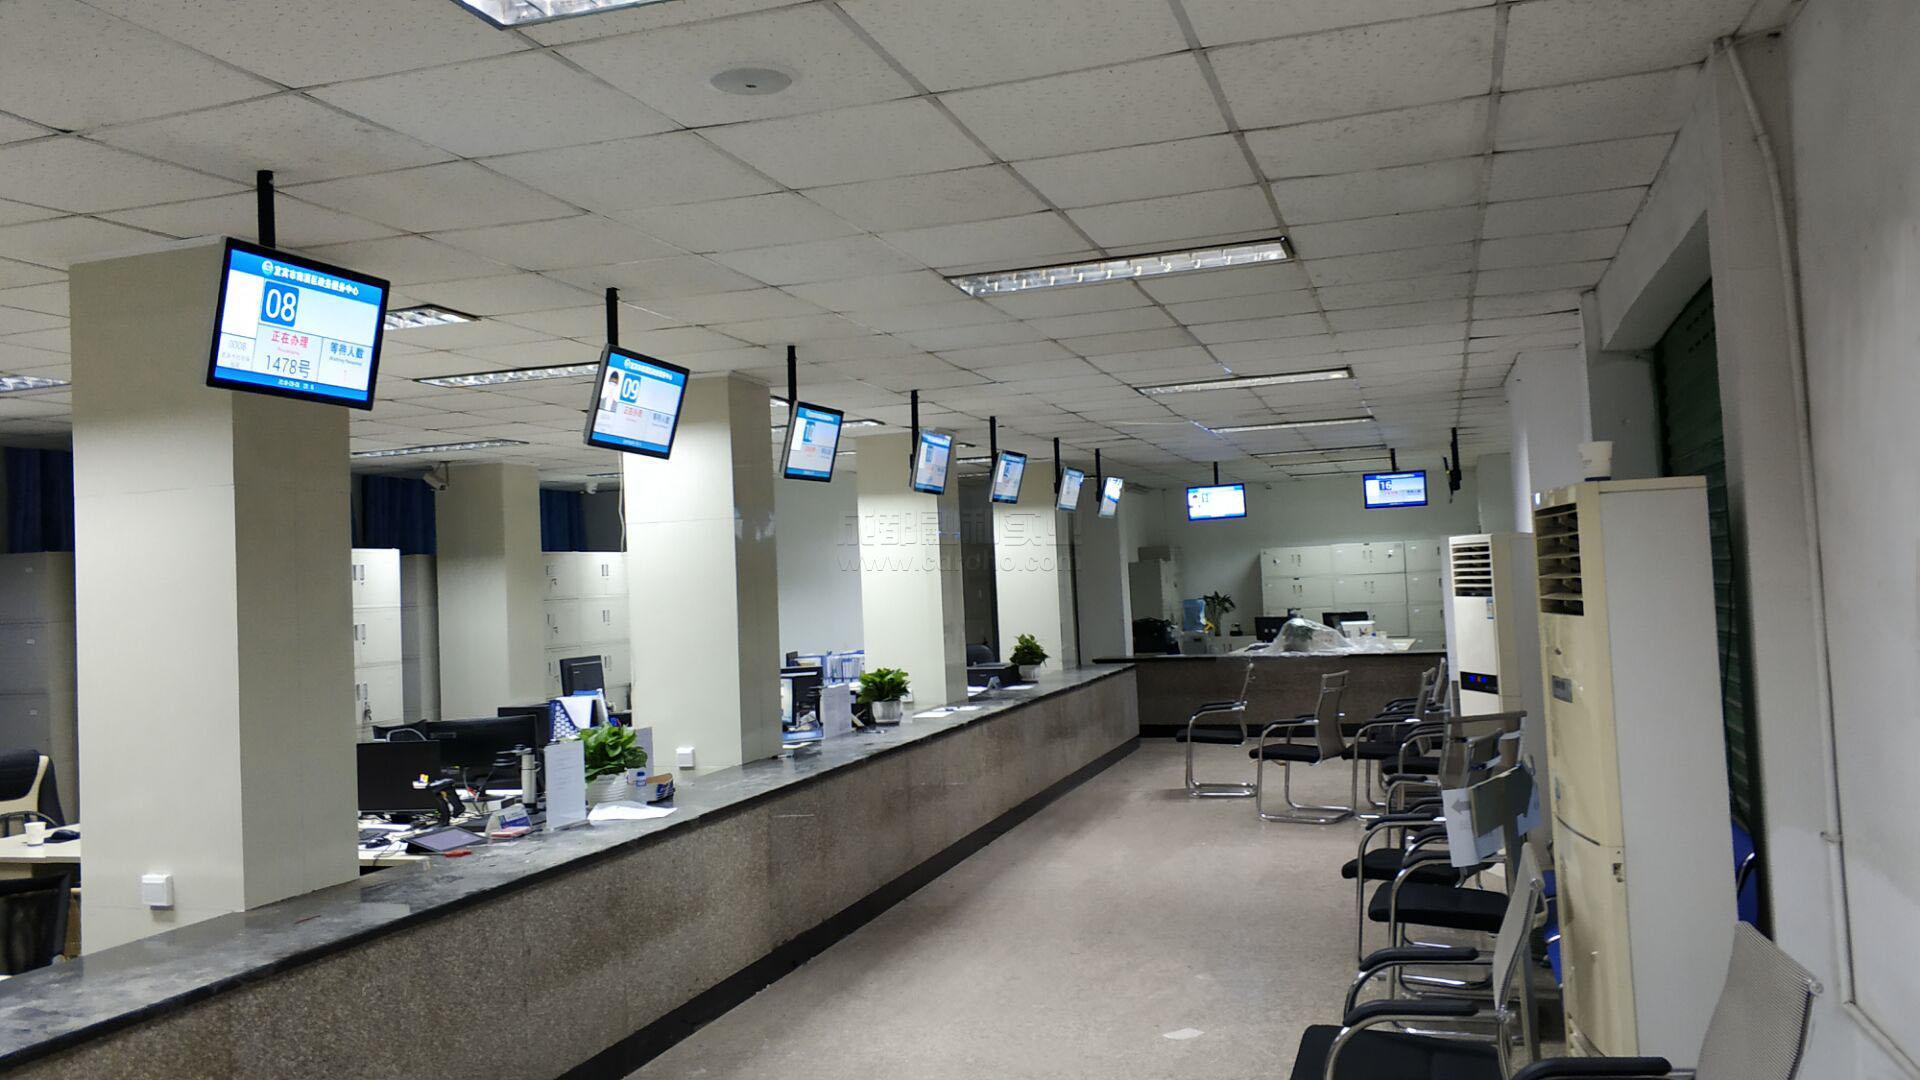 四川宜宾市智慧社会保障局服务中心排队系统之评价器与集中显示屏安装配置